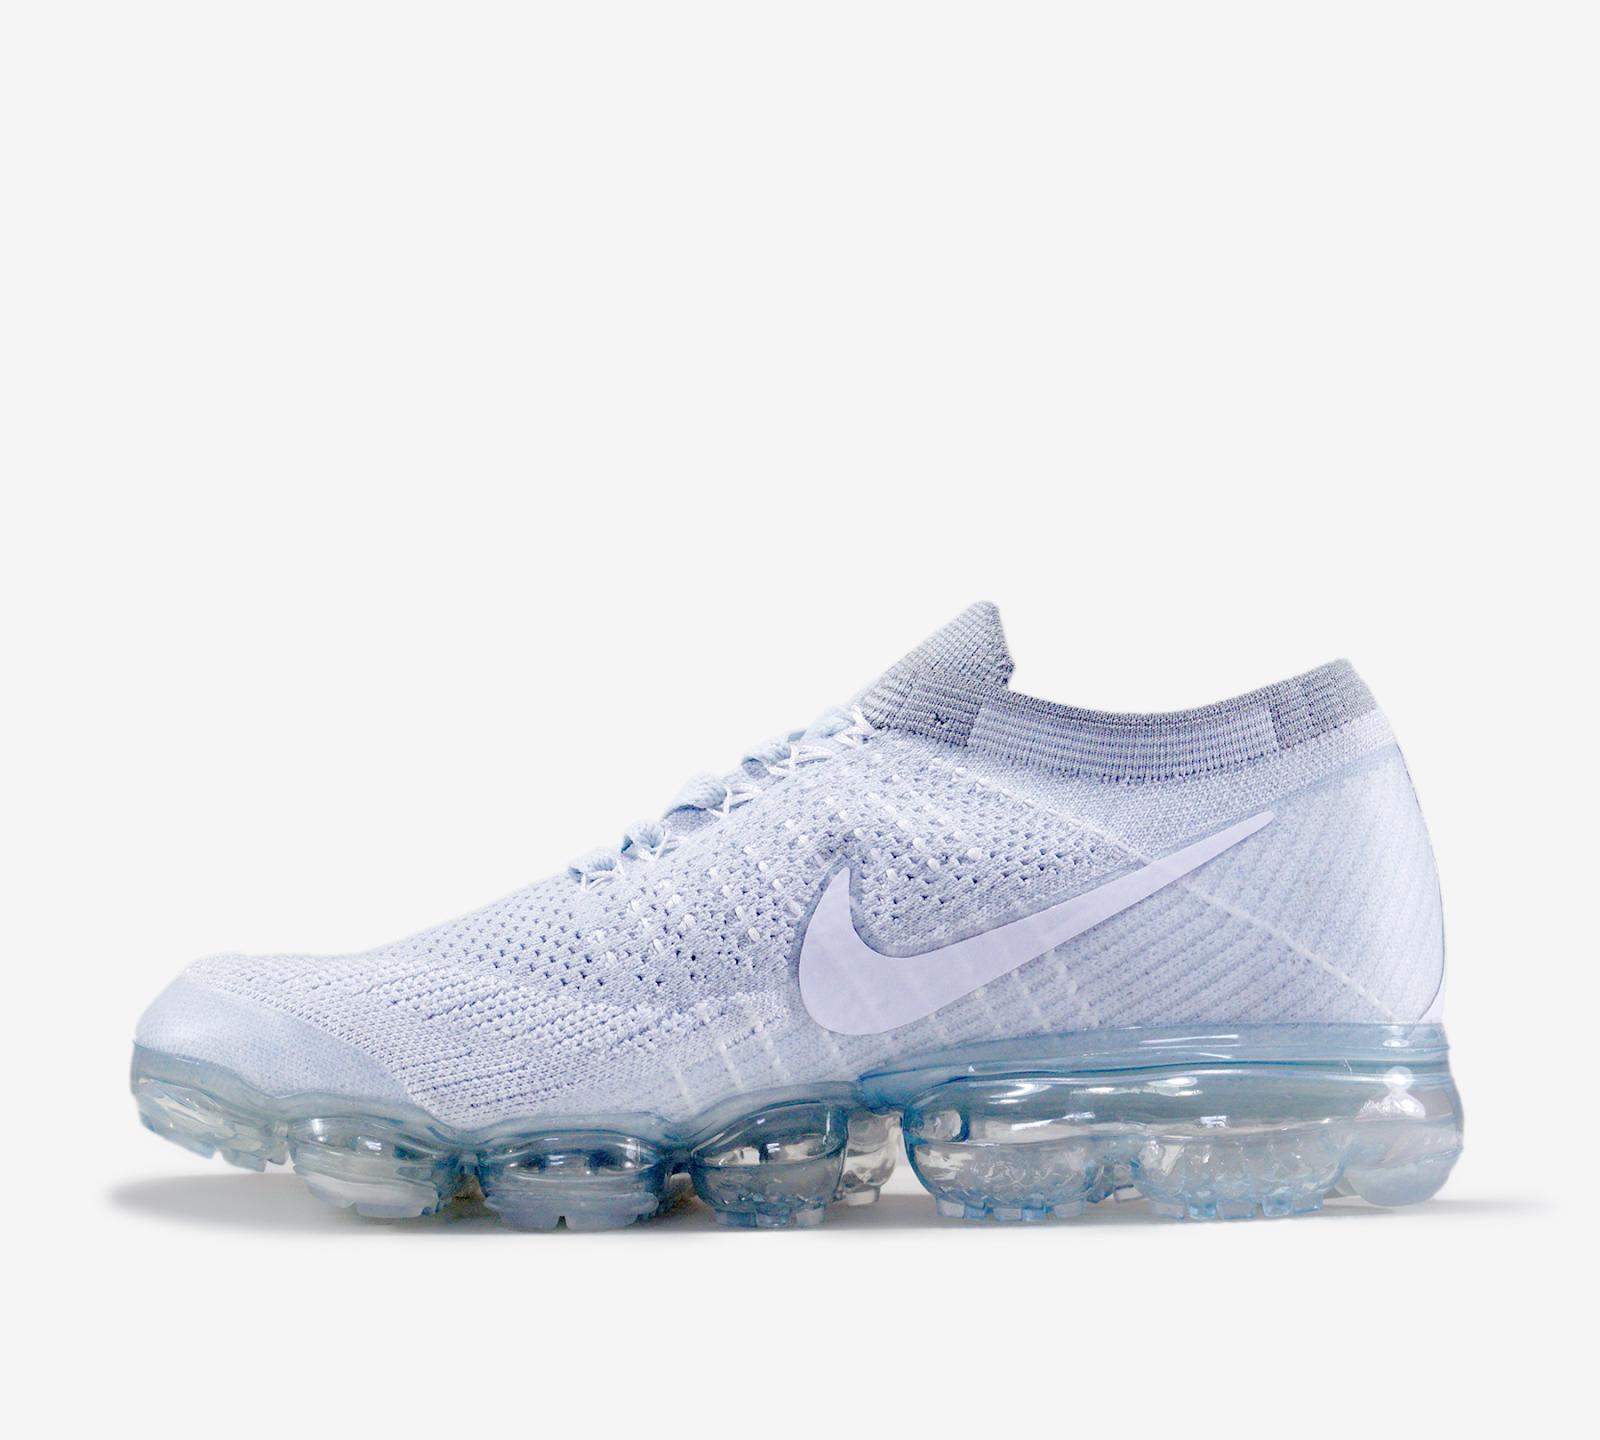 Phân tích chi tiết giày Nike Air Vapormax Flyknit